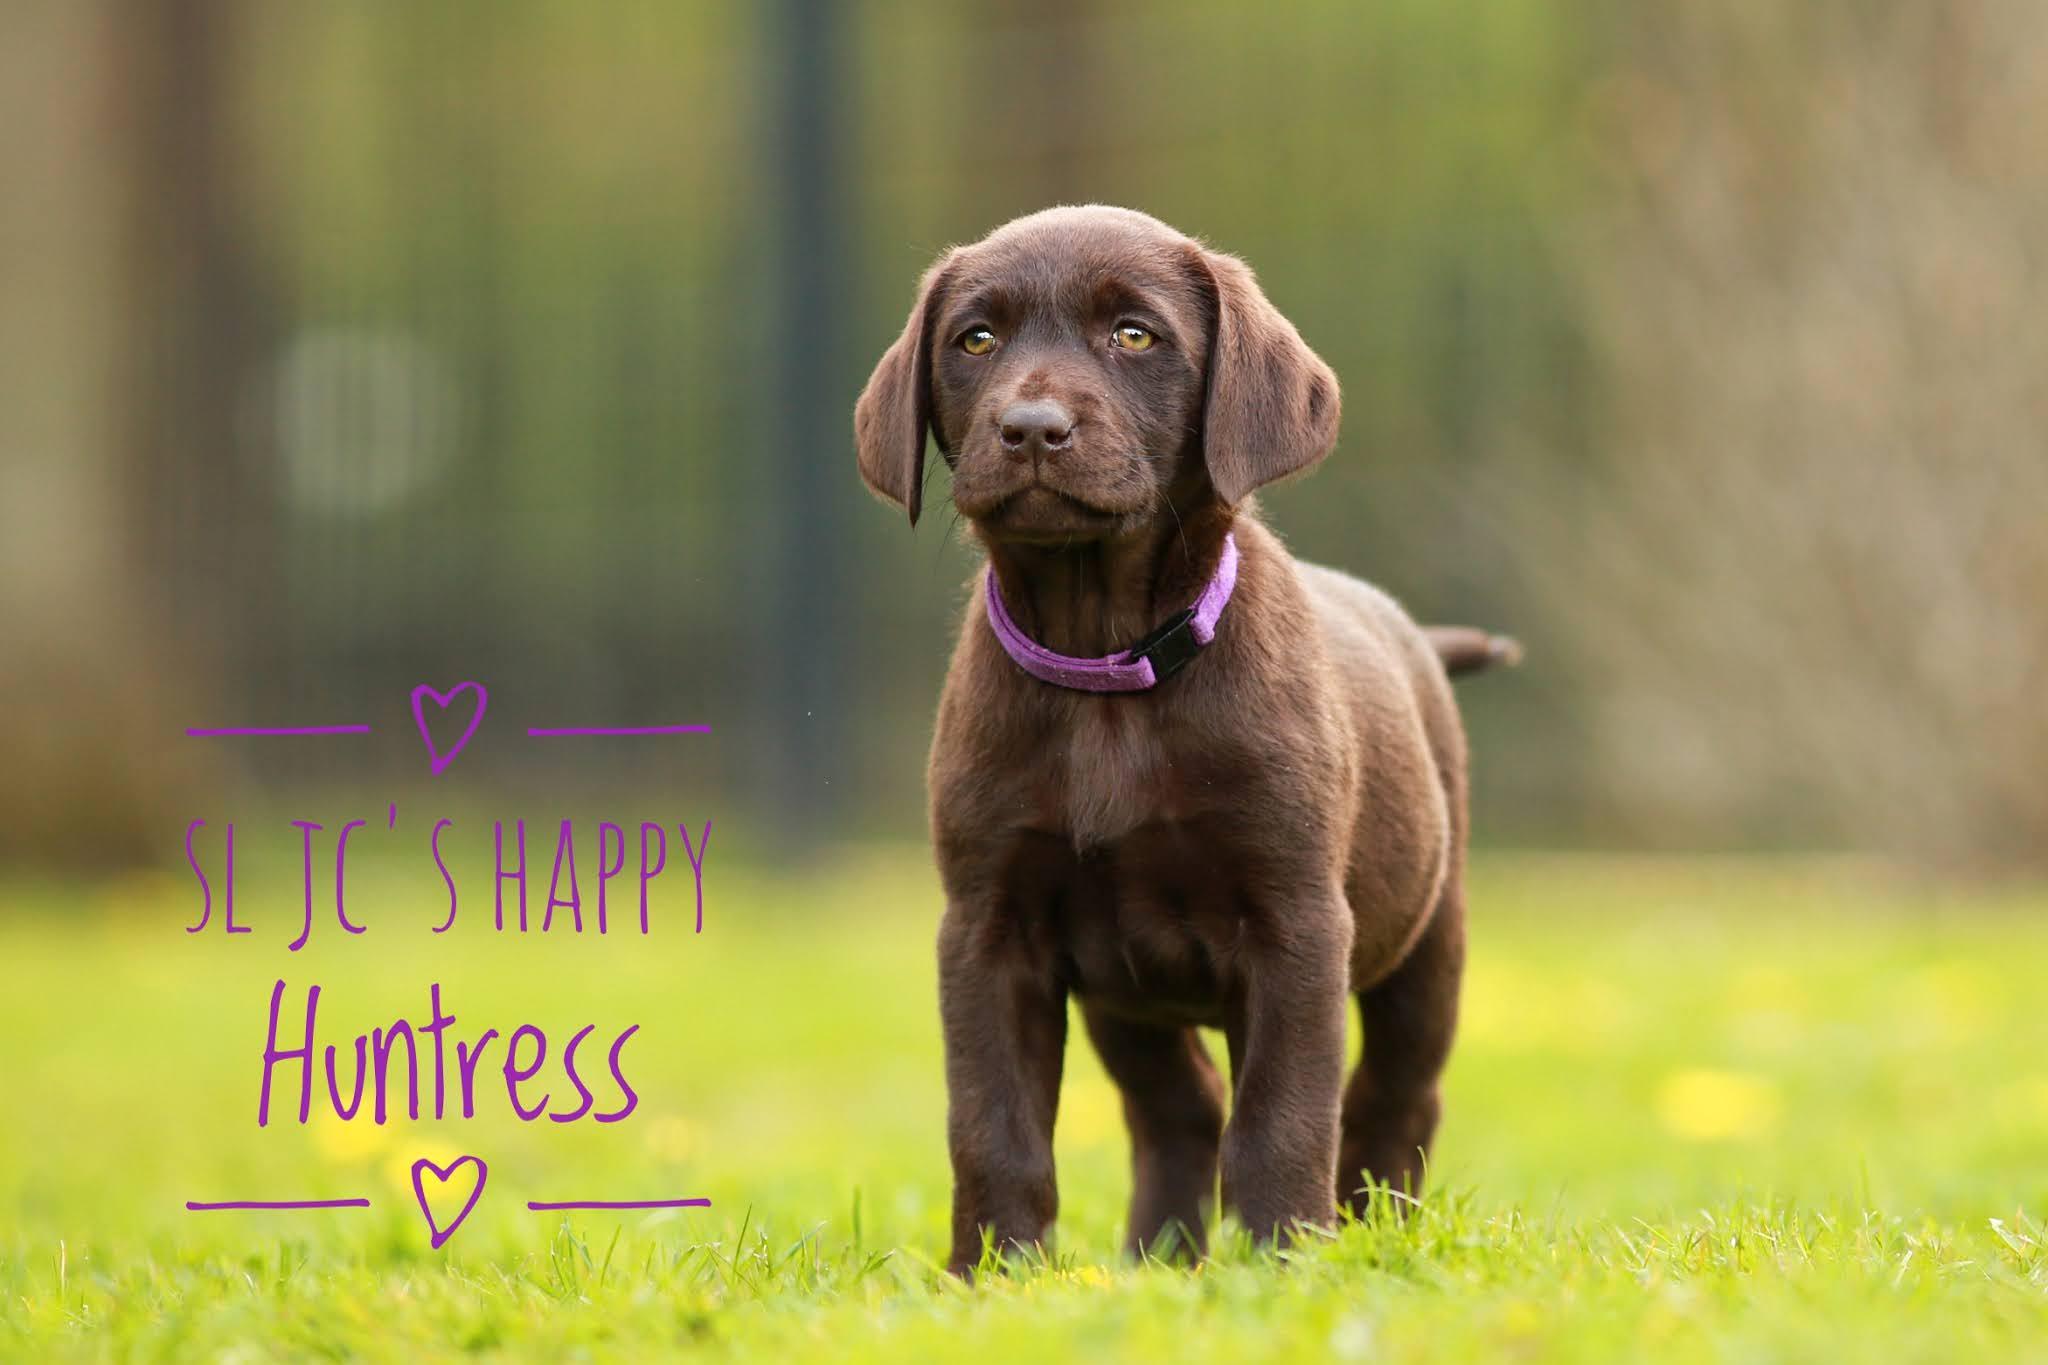 SL JC´s Happy Huntress verstärkt das eigene Rudel und wird, genau wie Digger, Ralf´s Hund.